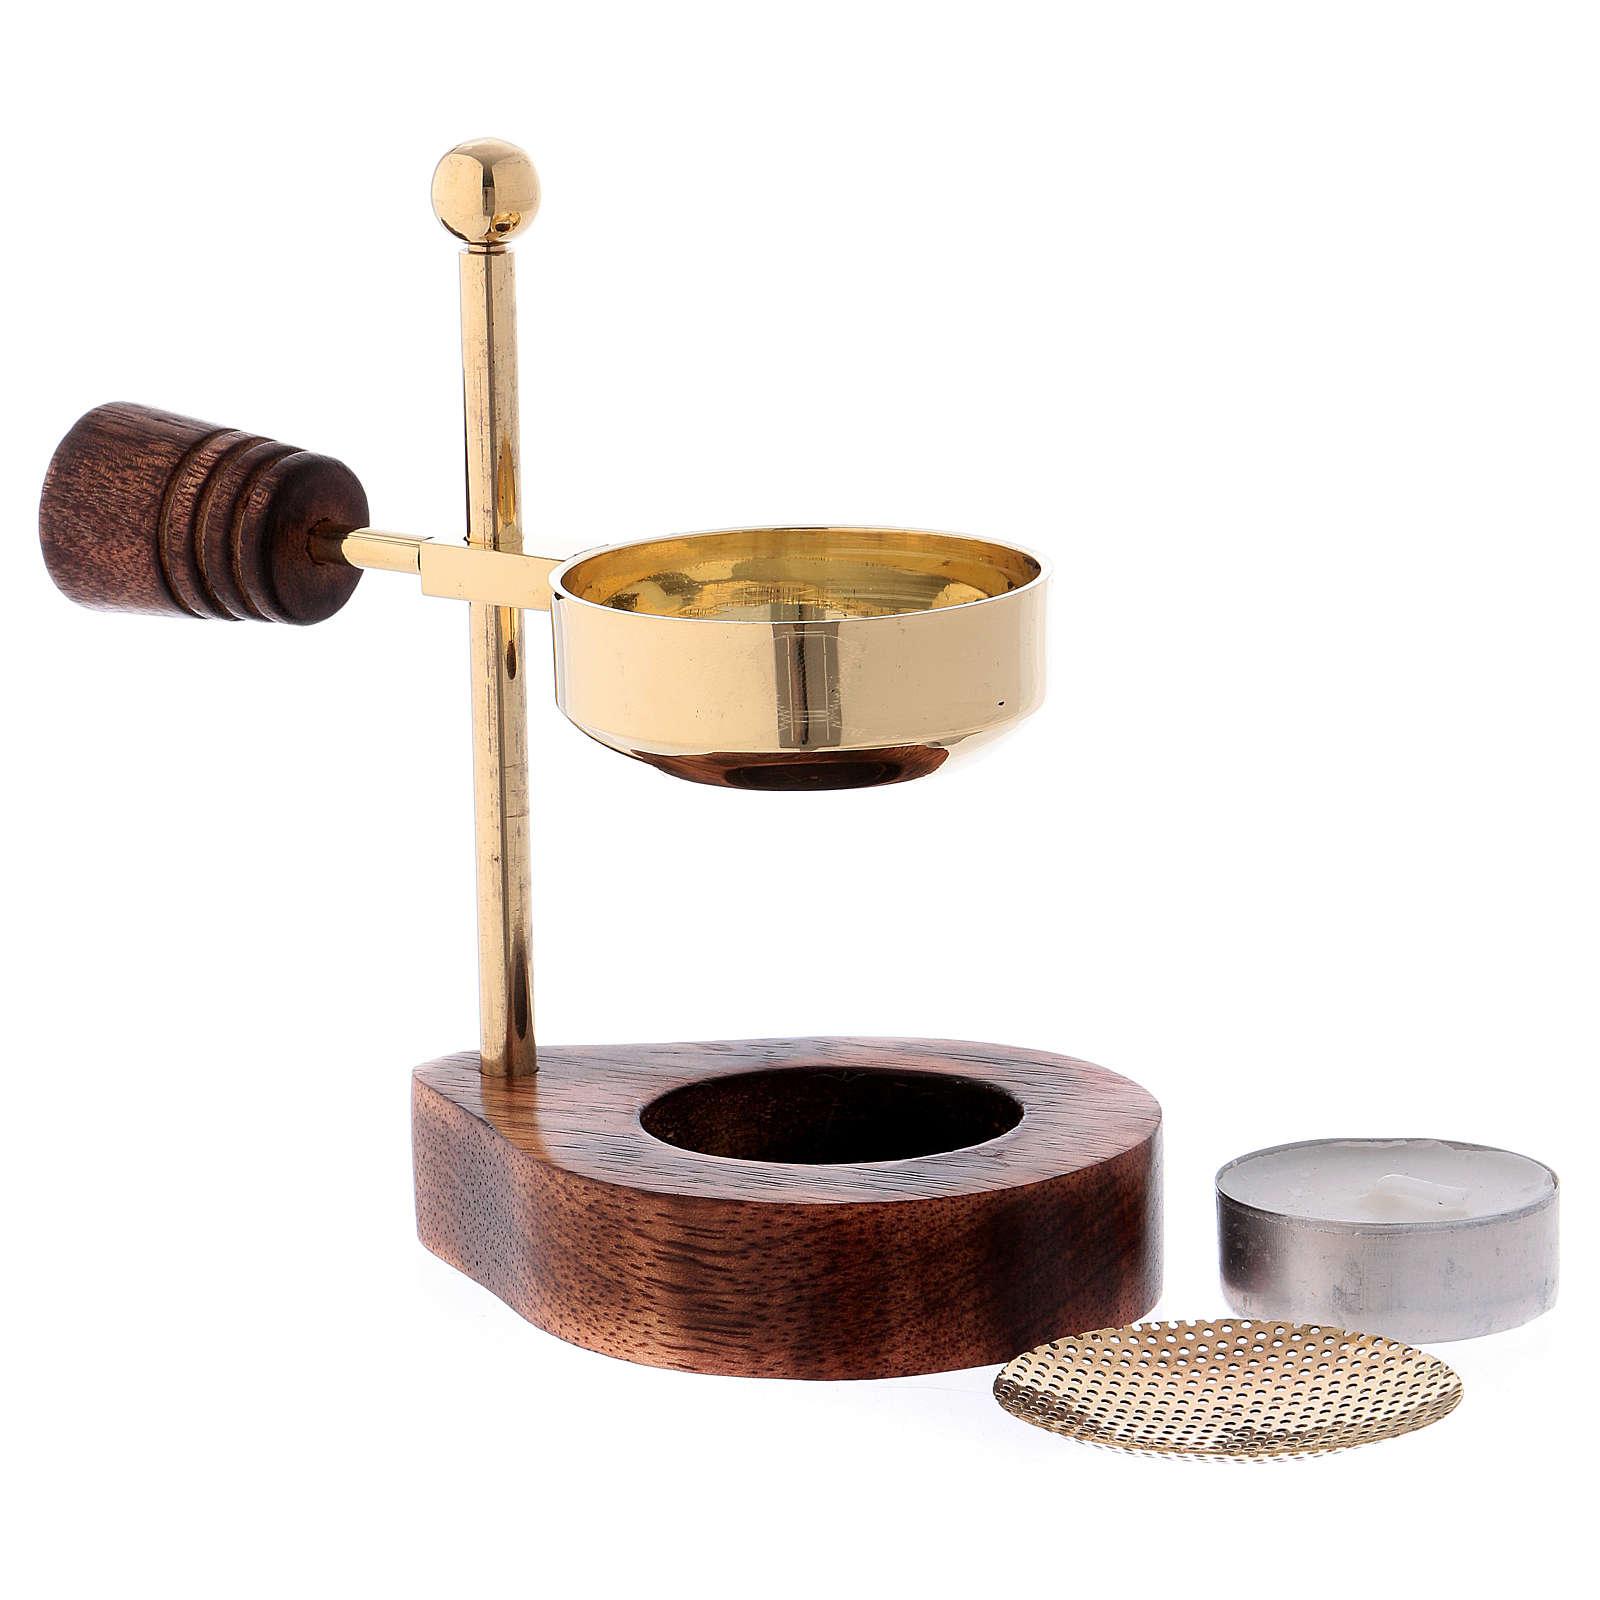 Incensario con base de madera y platillo regulable de latón 3